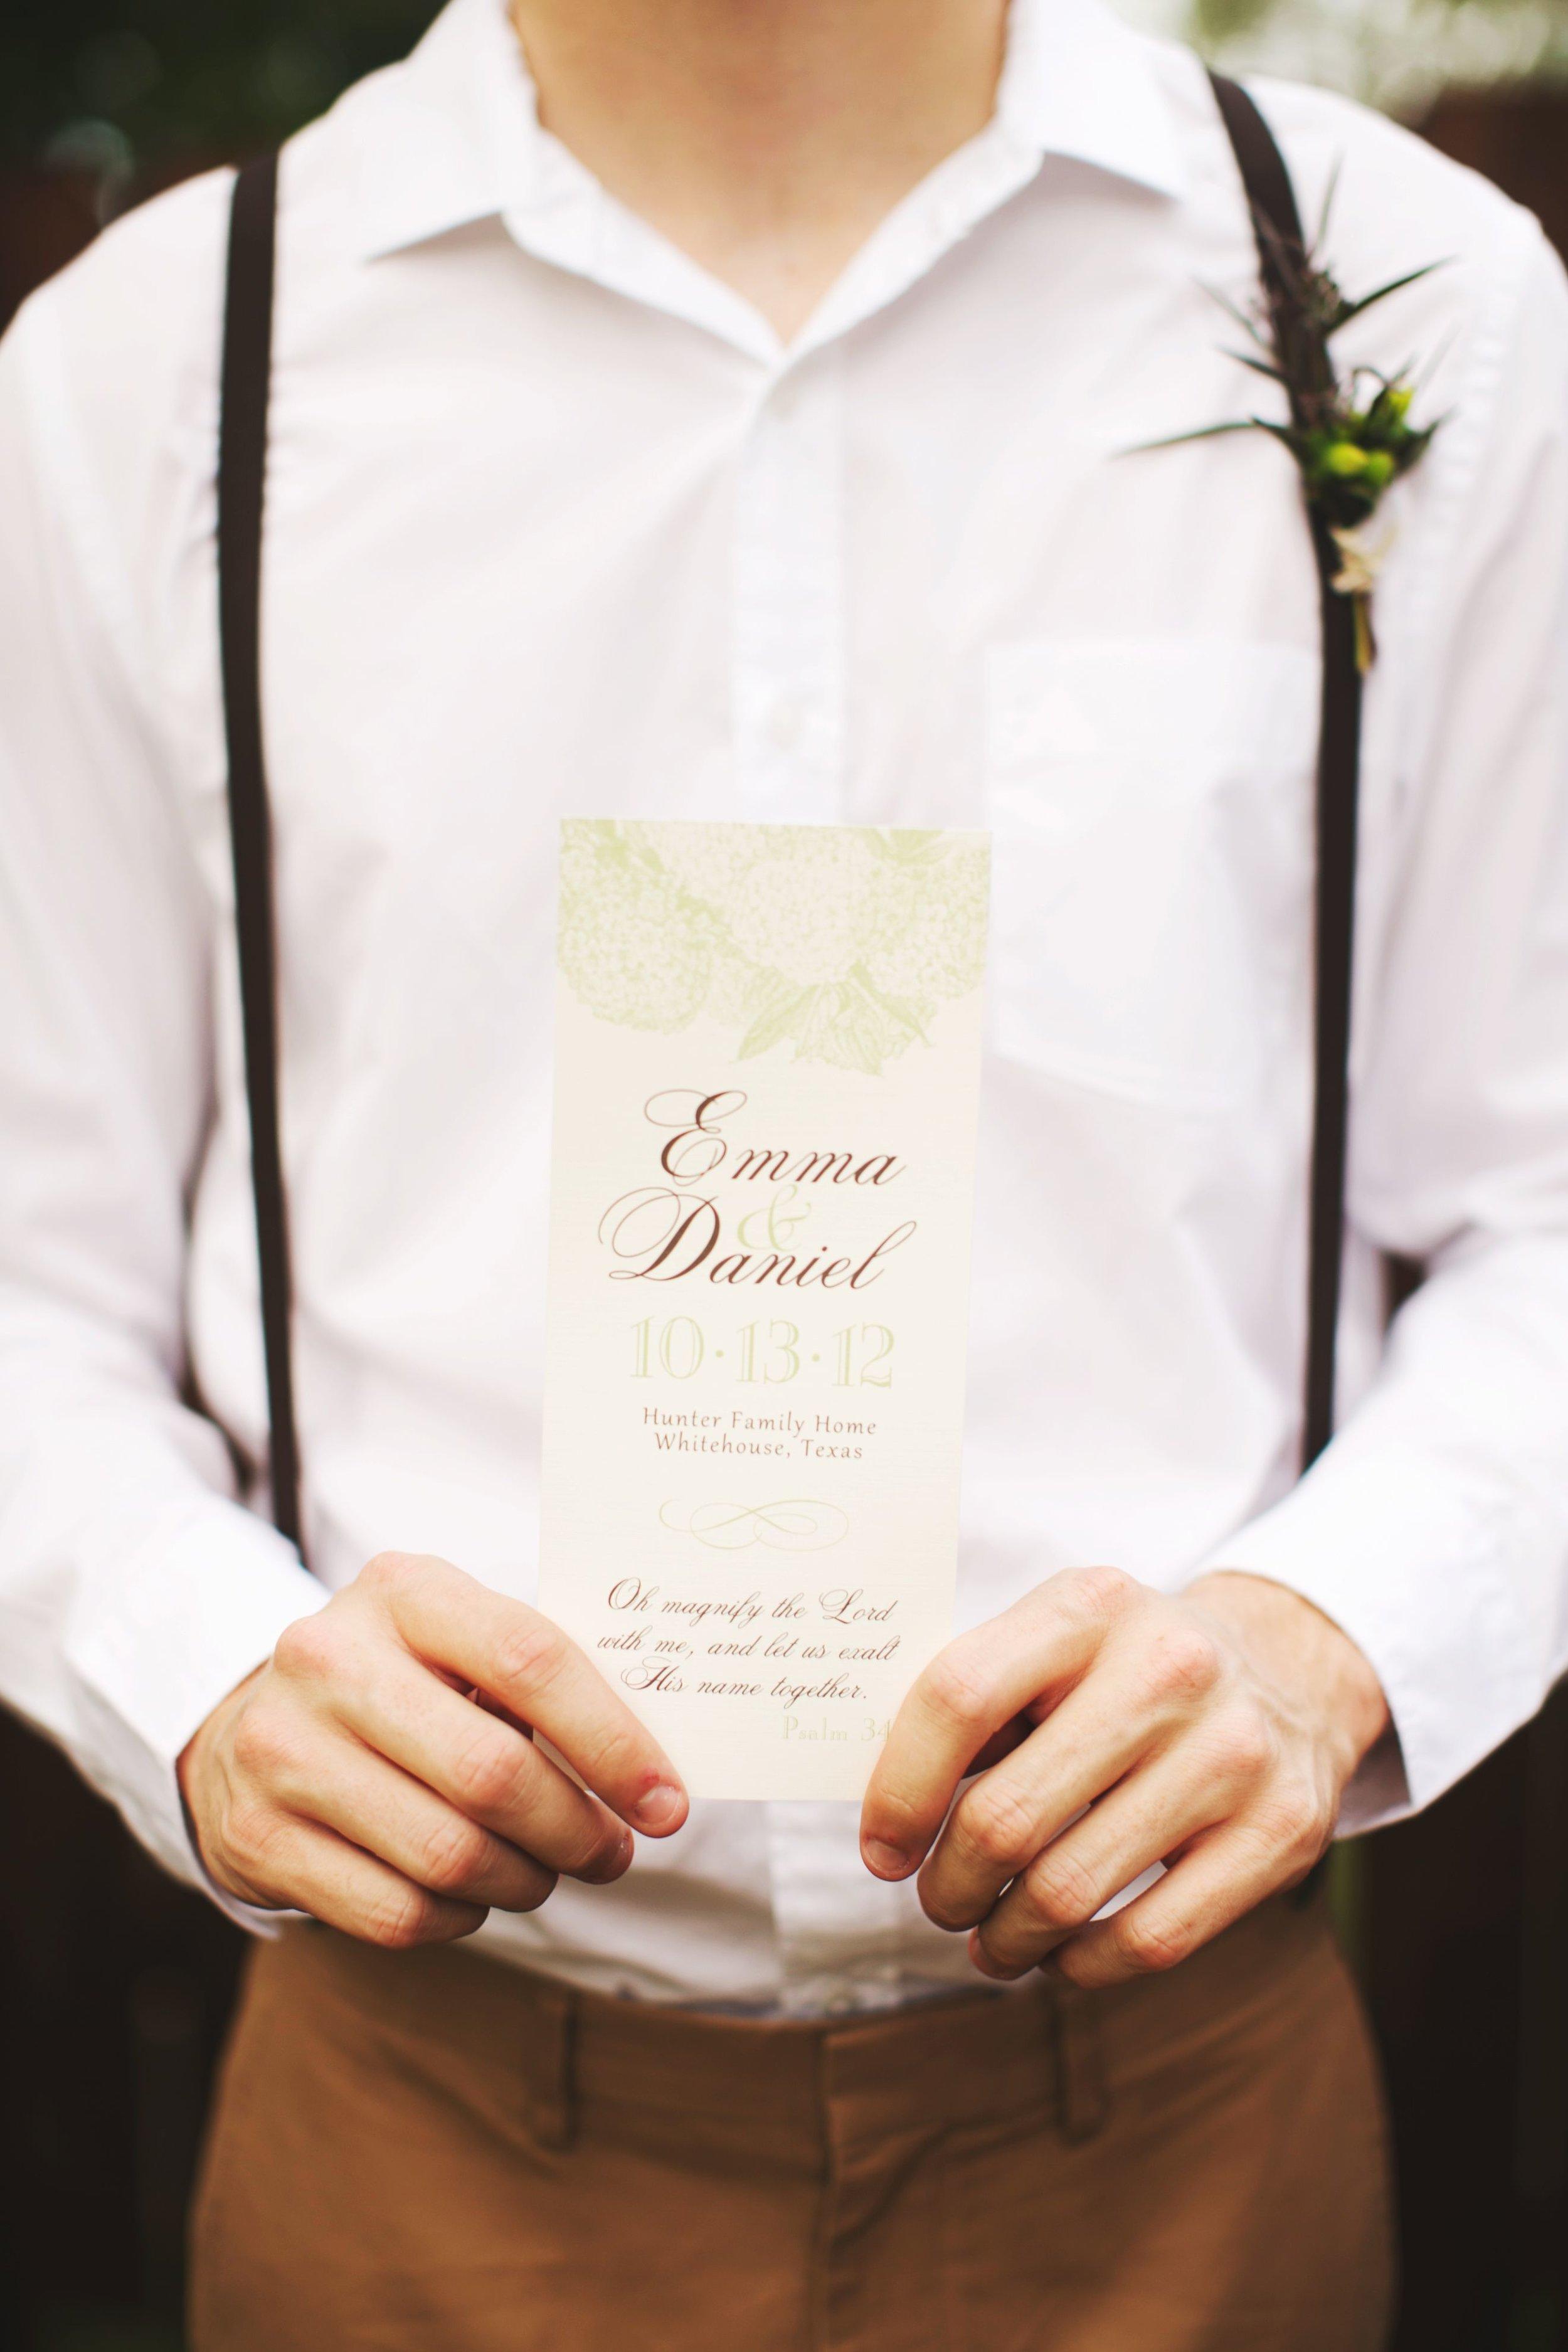 ee.emma.daniel.wedding-87.jpg